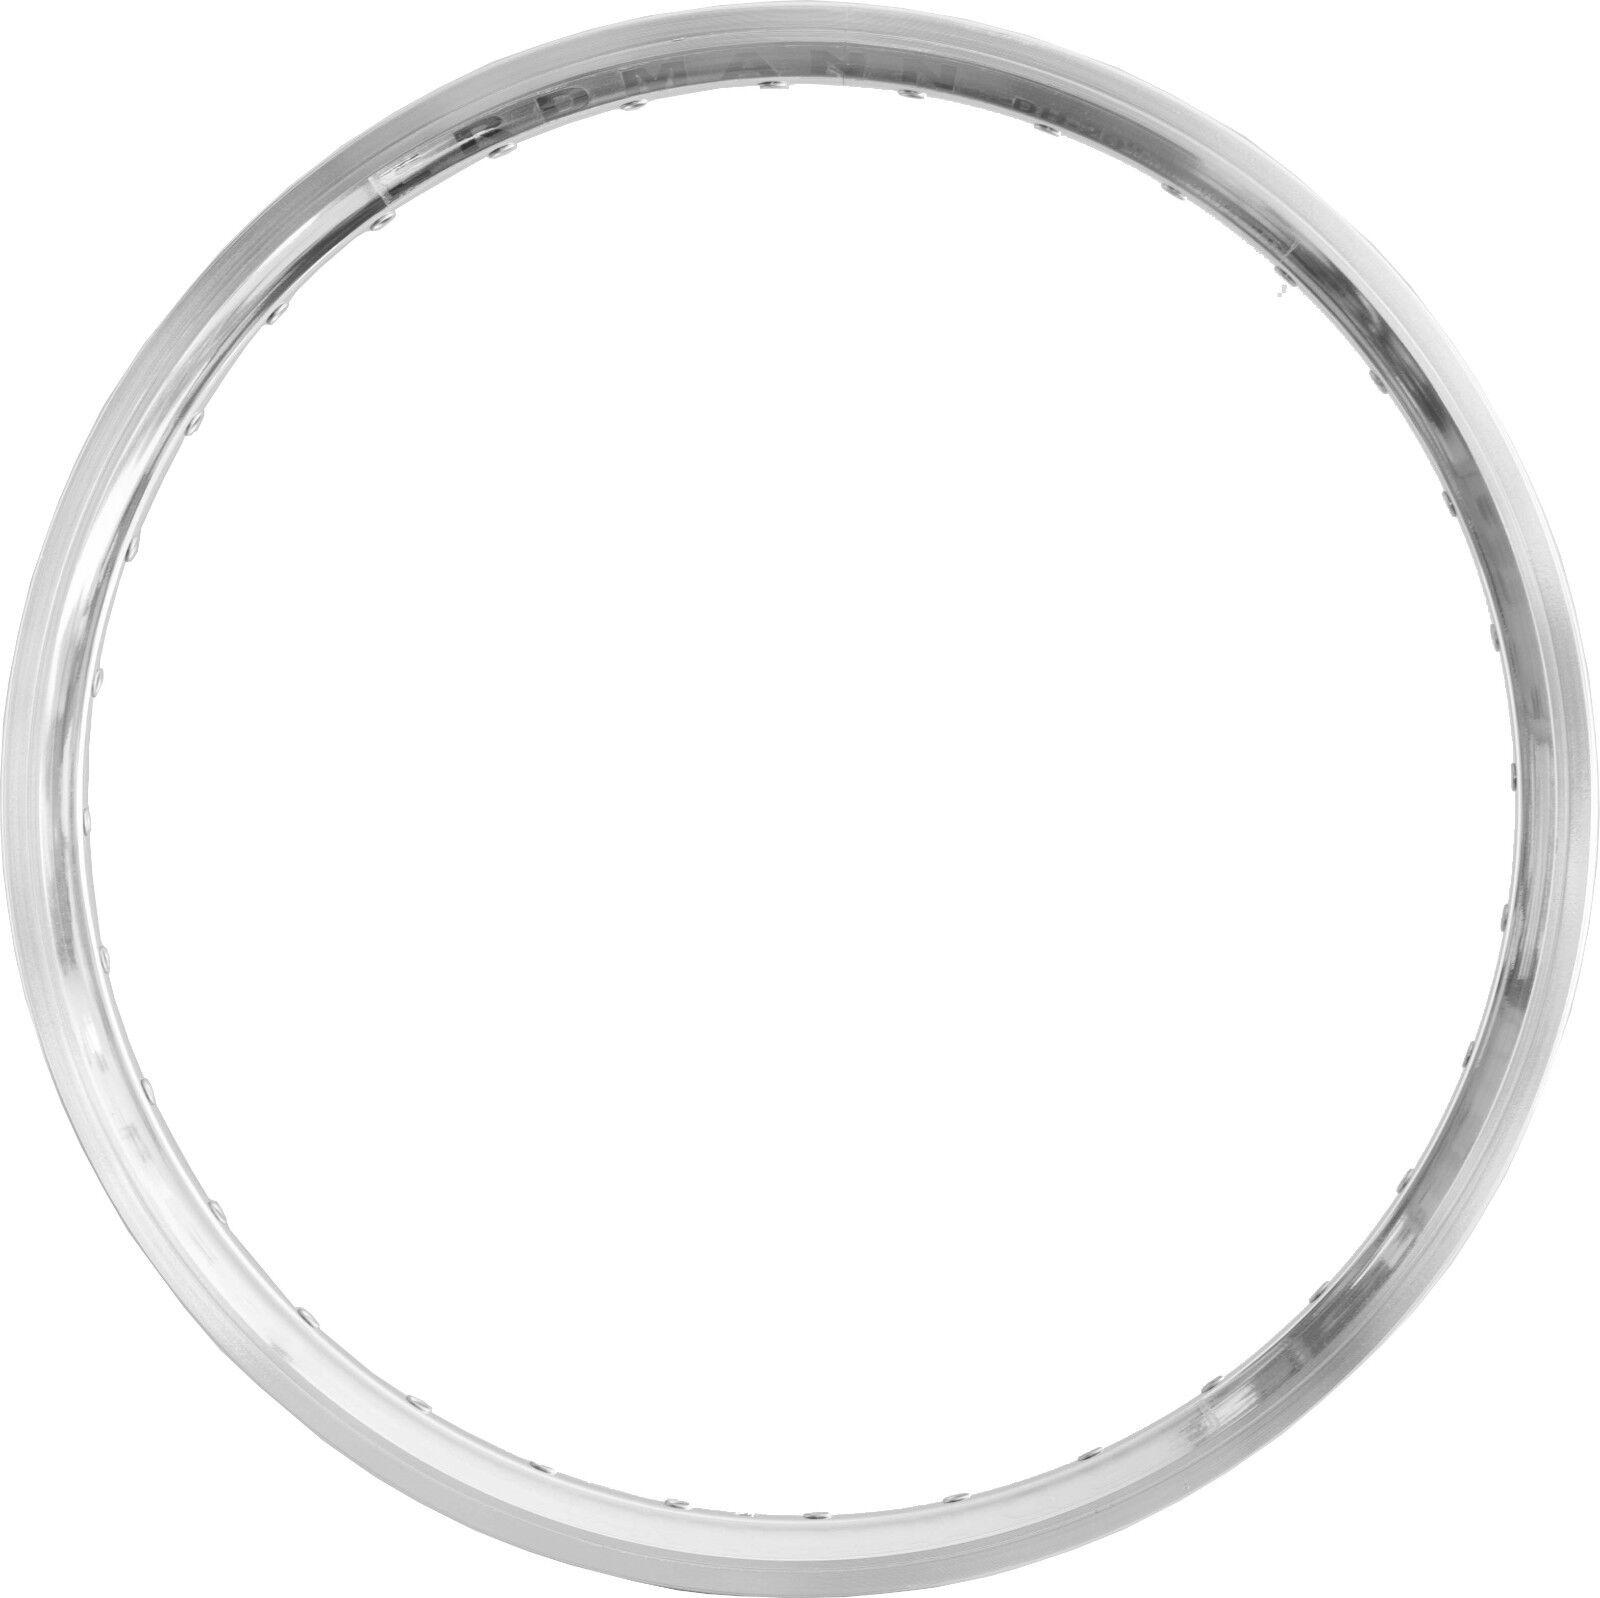 36 Loch Felge Erdmann DH-02 559 19 silber für für für Disc oder V-Brake ecff36